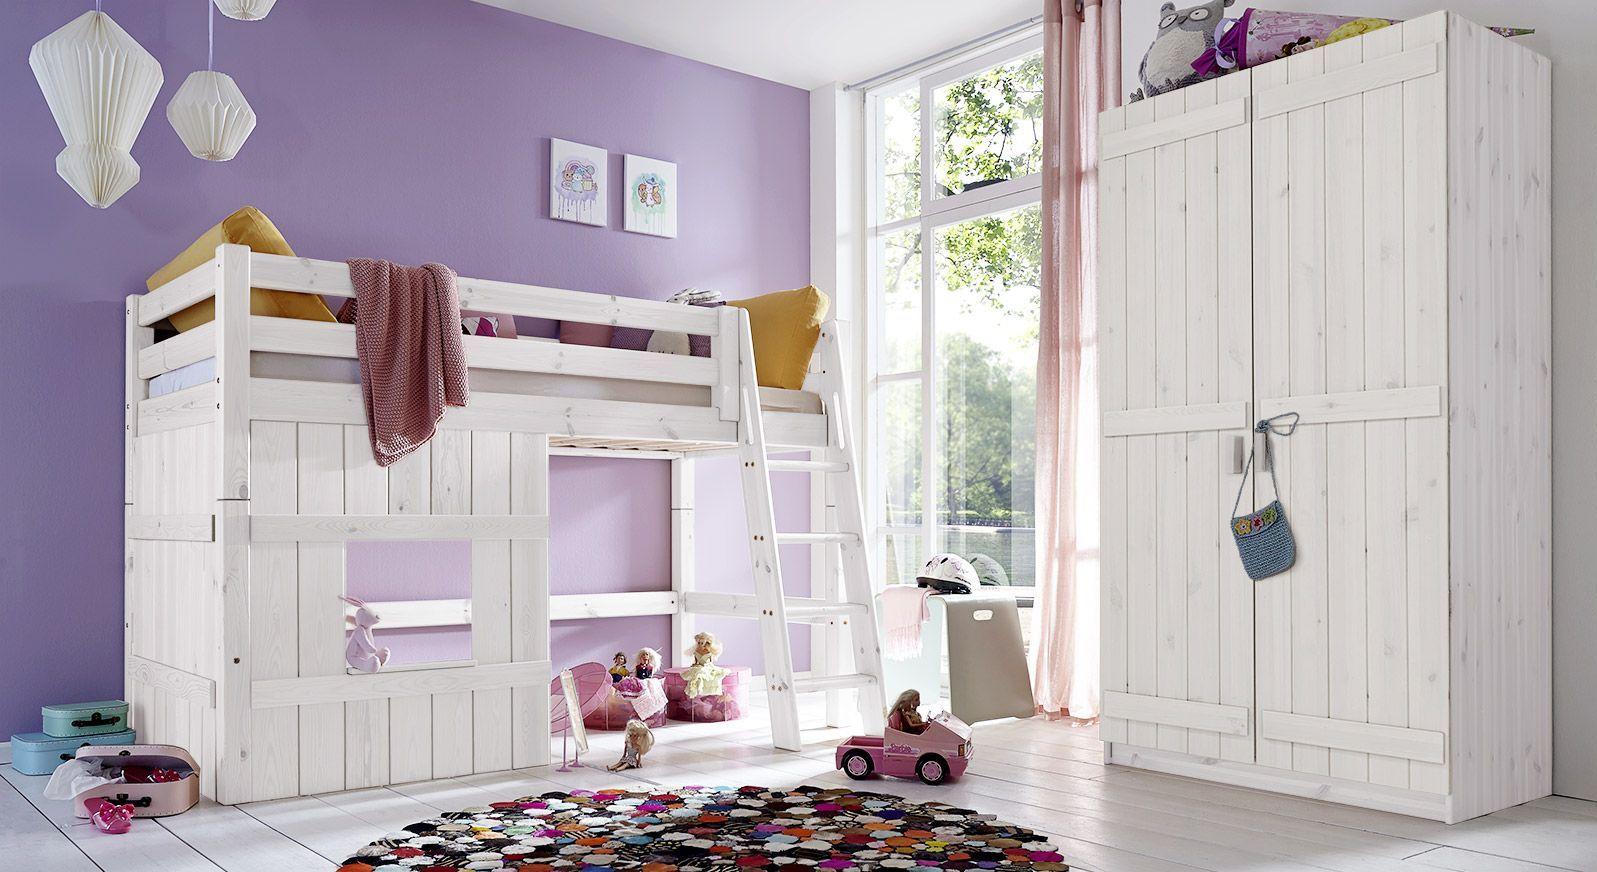 Hütten-Hochbett Kids Paradise für Mädchen mit passenden Produkten